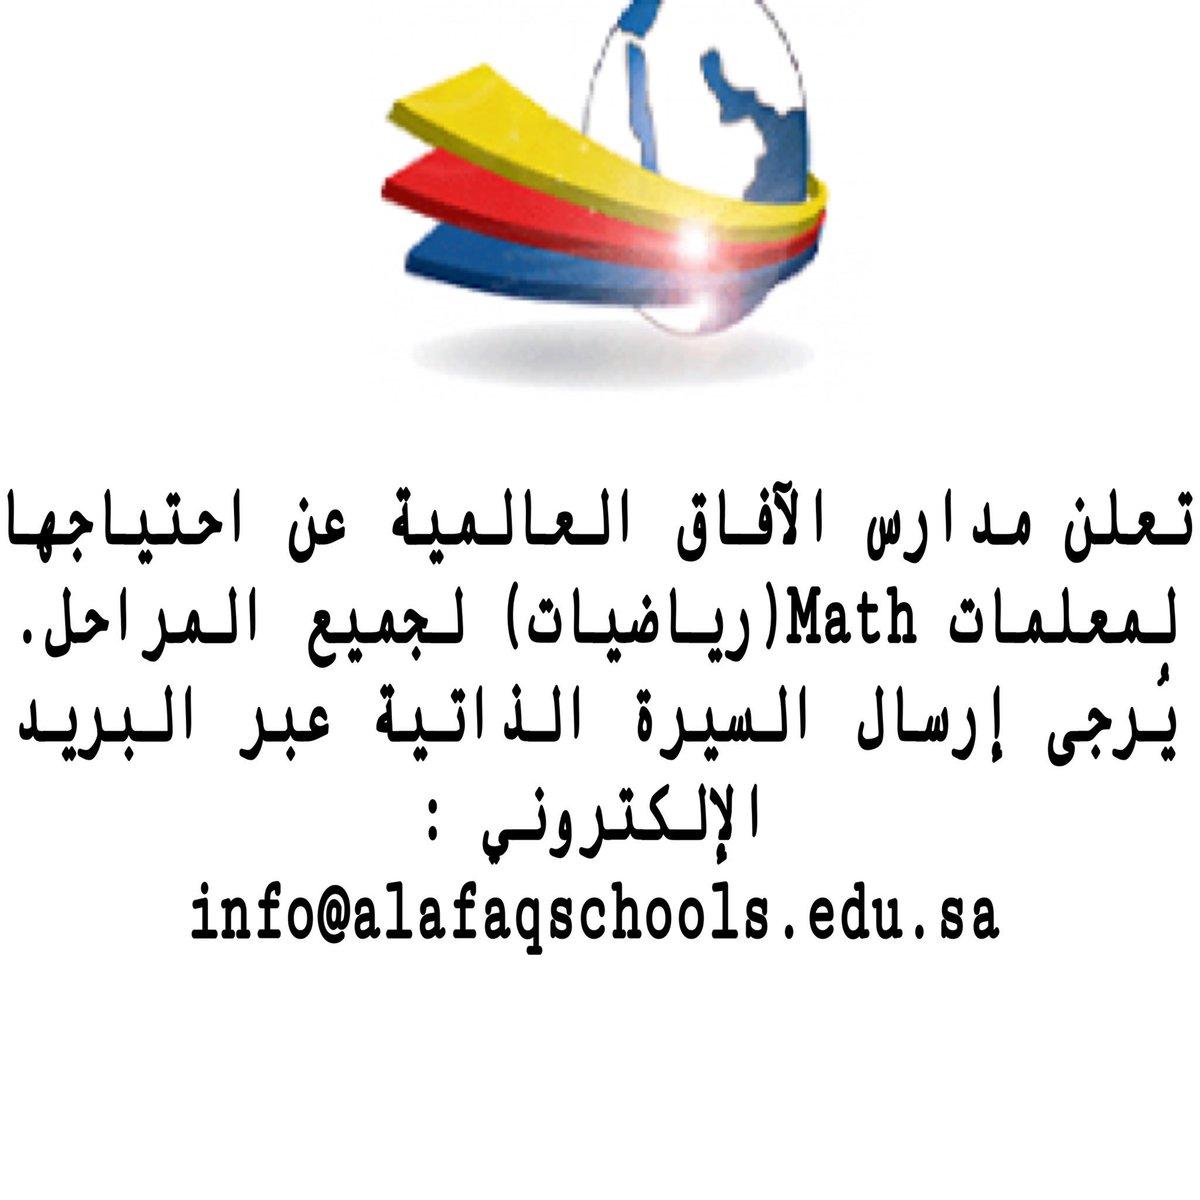 تعلن مدارس الآفاق العالمية عن وظائف #معلمات   - معلمات Math(رياضيات) لجميع المراحل  يُرجى إرسال السيرة الذاتية عبر البريد  info@alafaqschools.edu.sa  #وظائف_نسائيه #وظائف_تعليمية #وظائف  @afaqschools